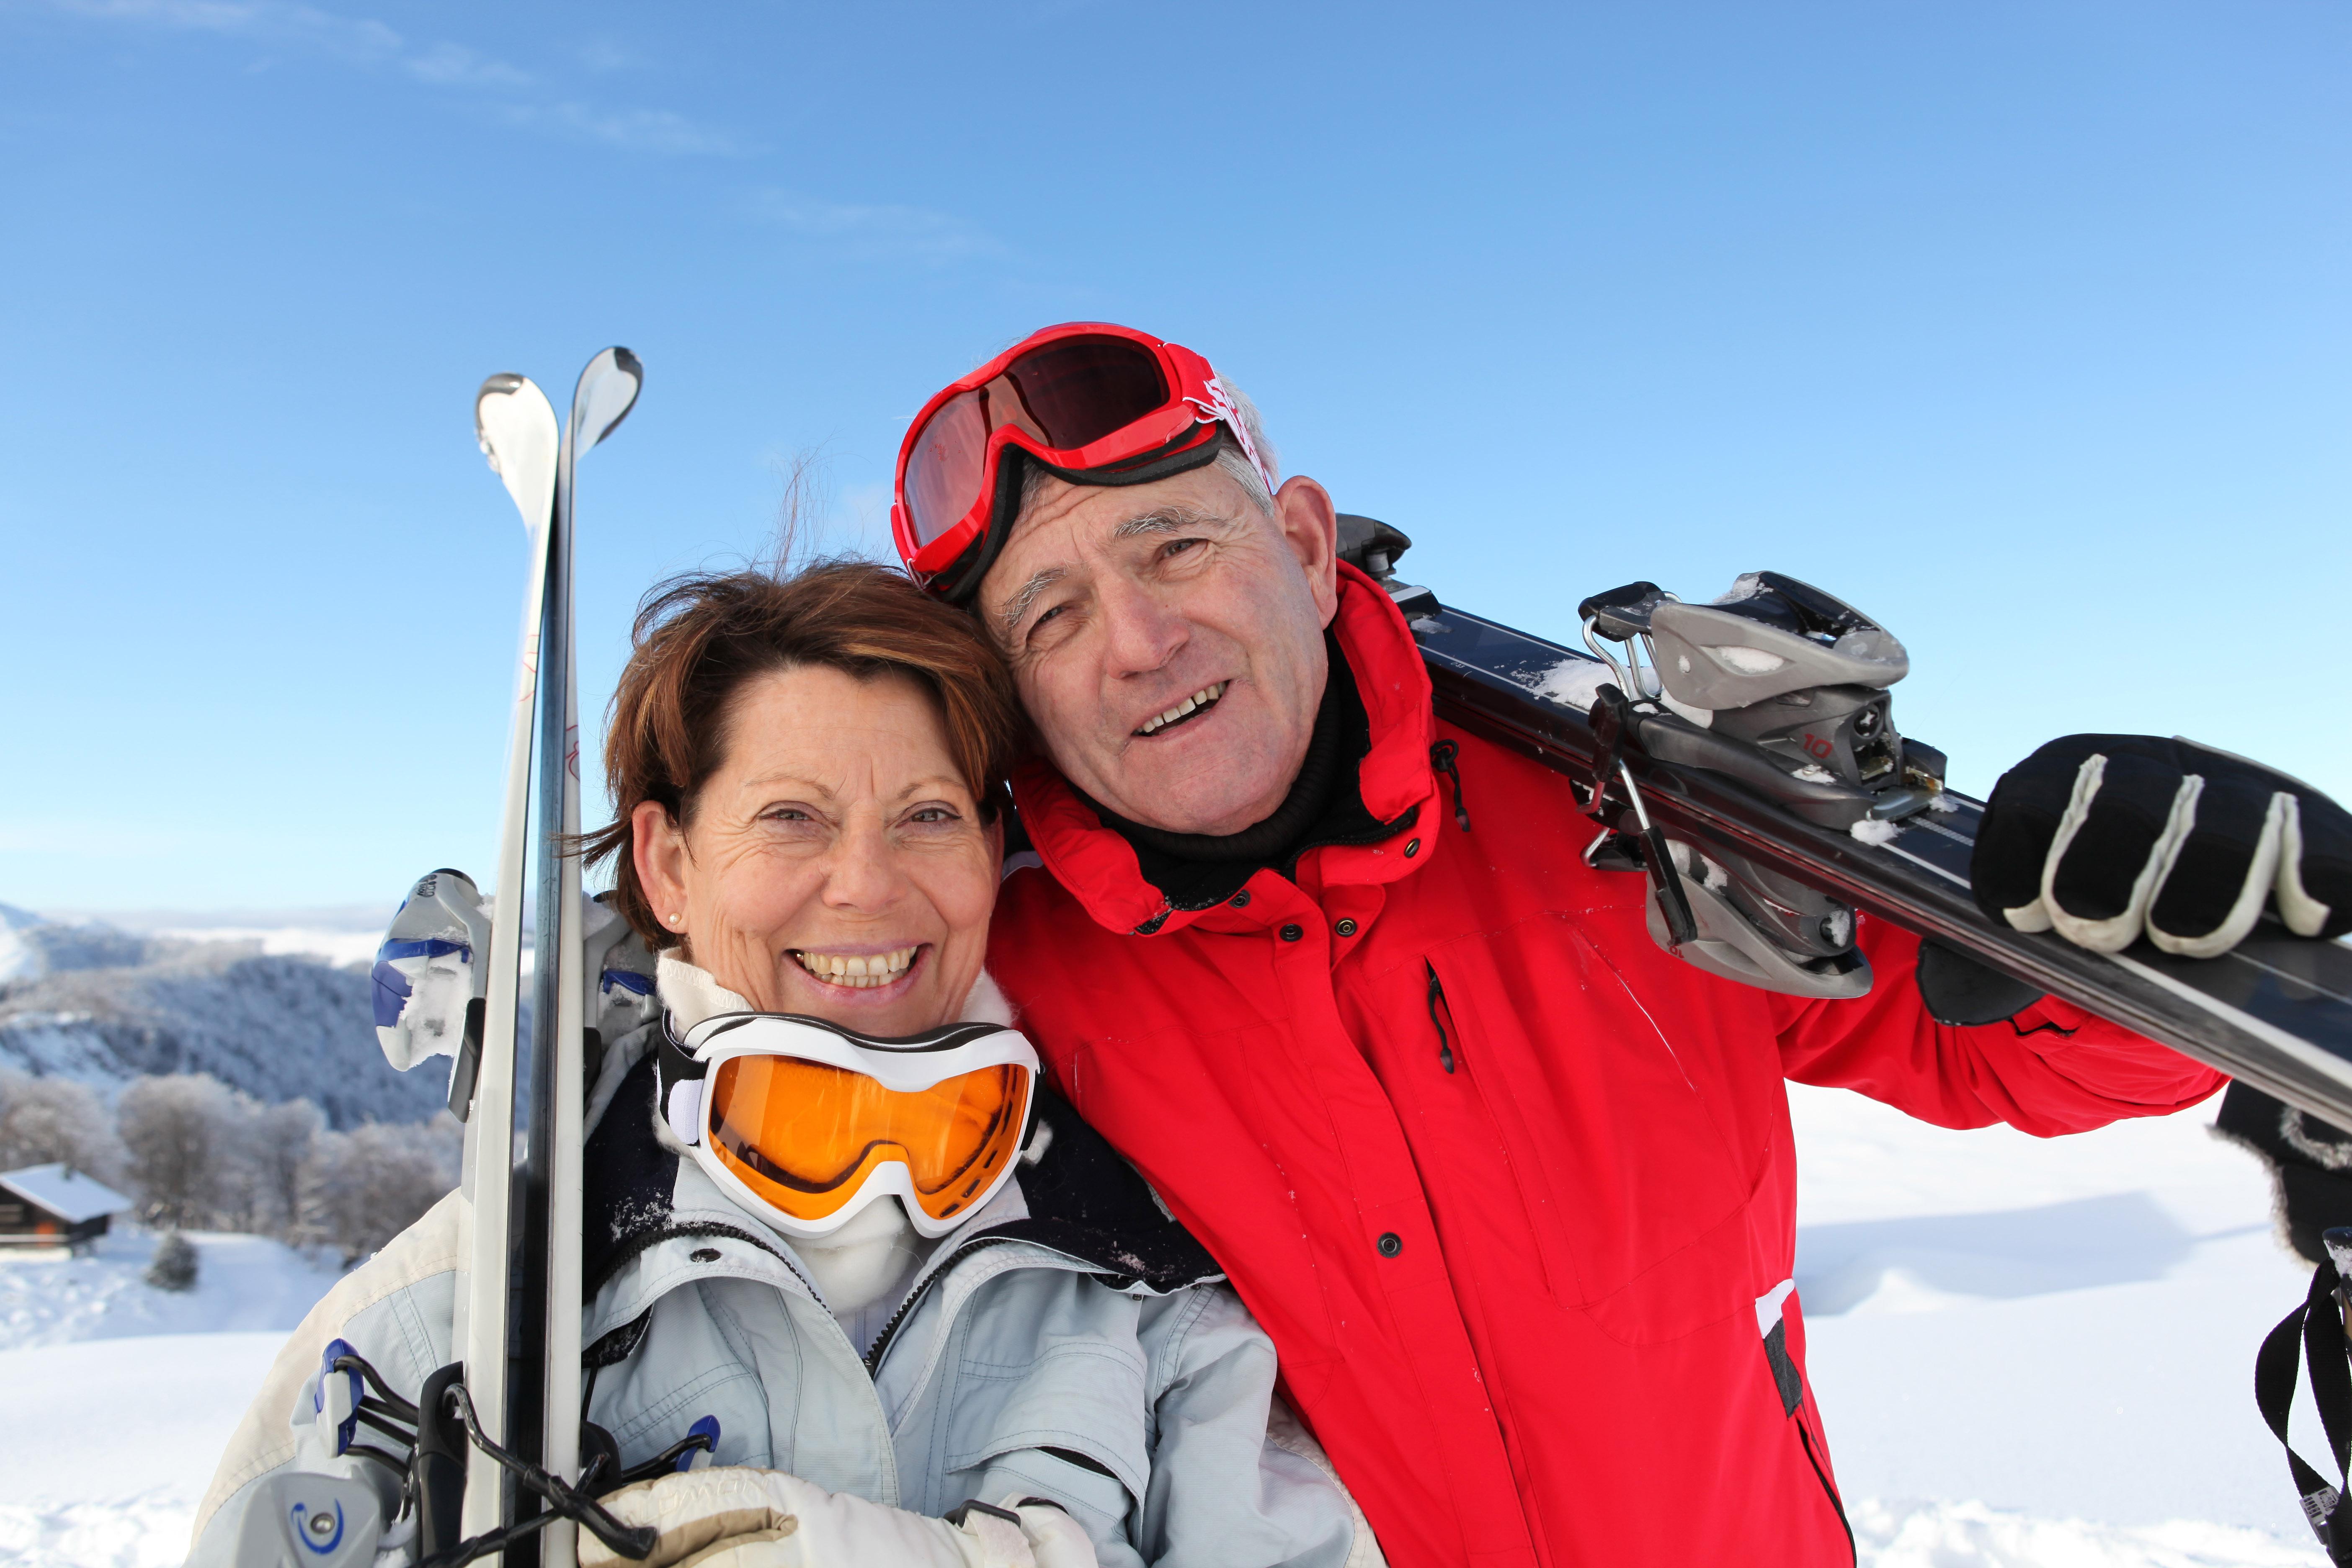 pensioen - Uw werkzame leven stopt, het grote genieten begint?